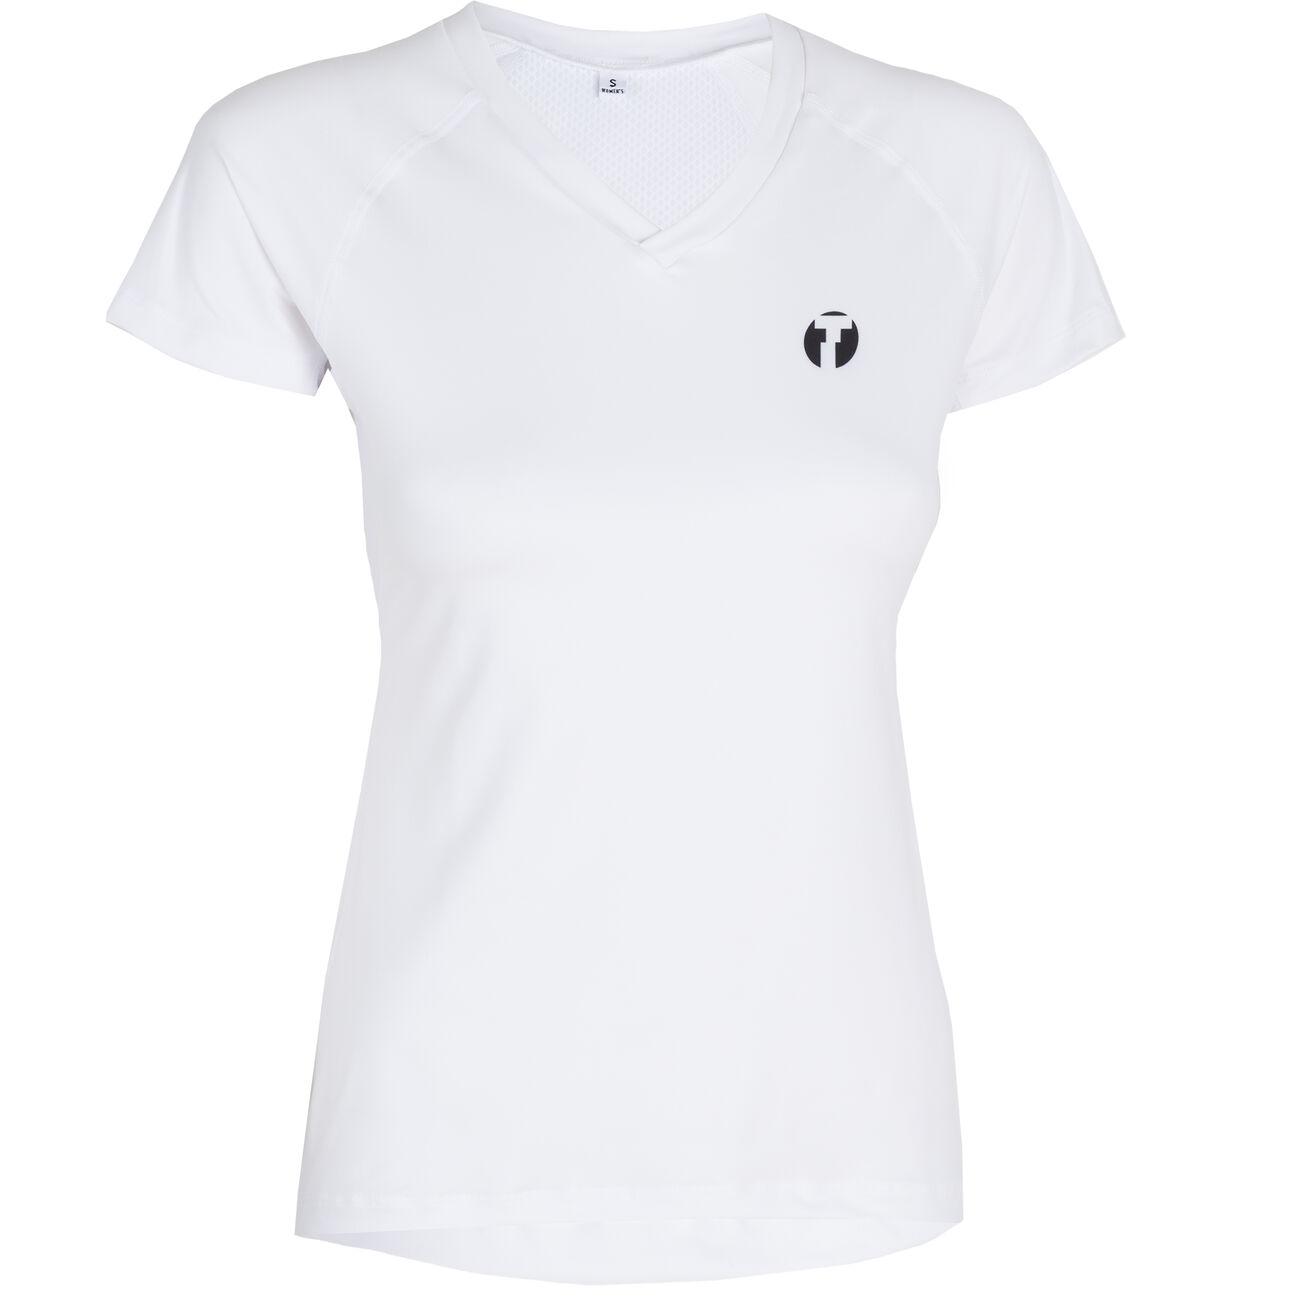 Flow t-shirt women's